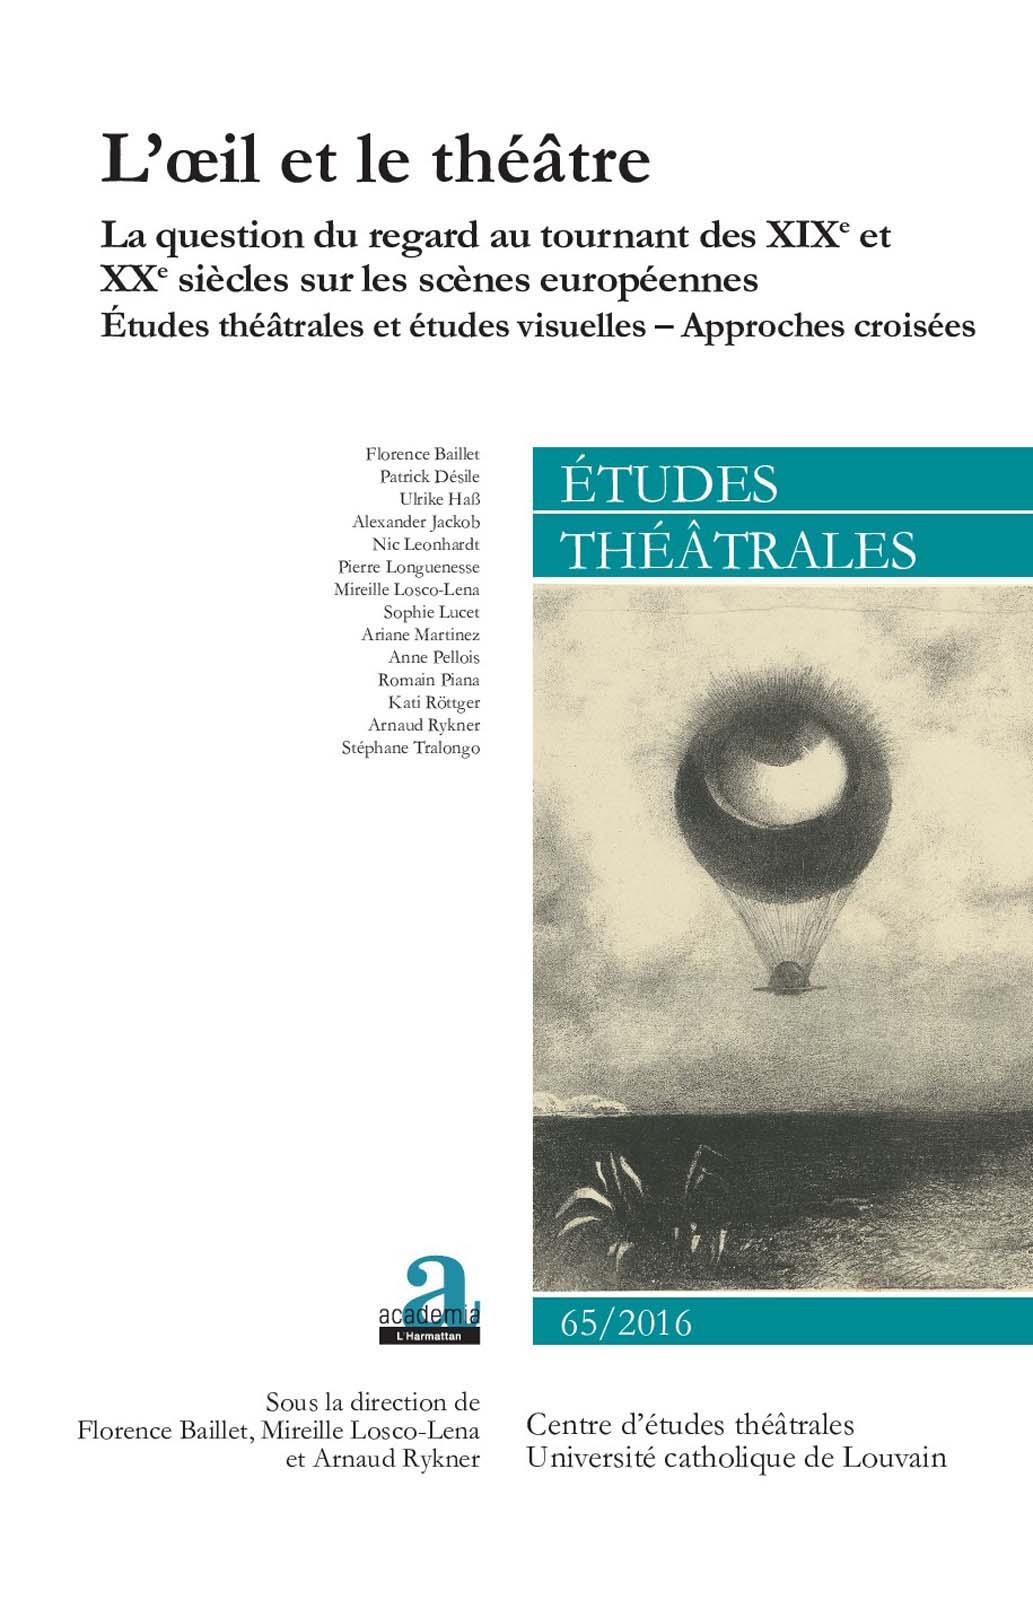 F. Baillet, M. Losco-Lena, A. Rykner (dir.), L'Œil et le théâtre. Etudes théâtrales et études visuelles. Approches croisées